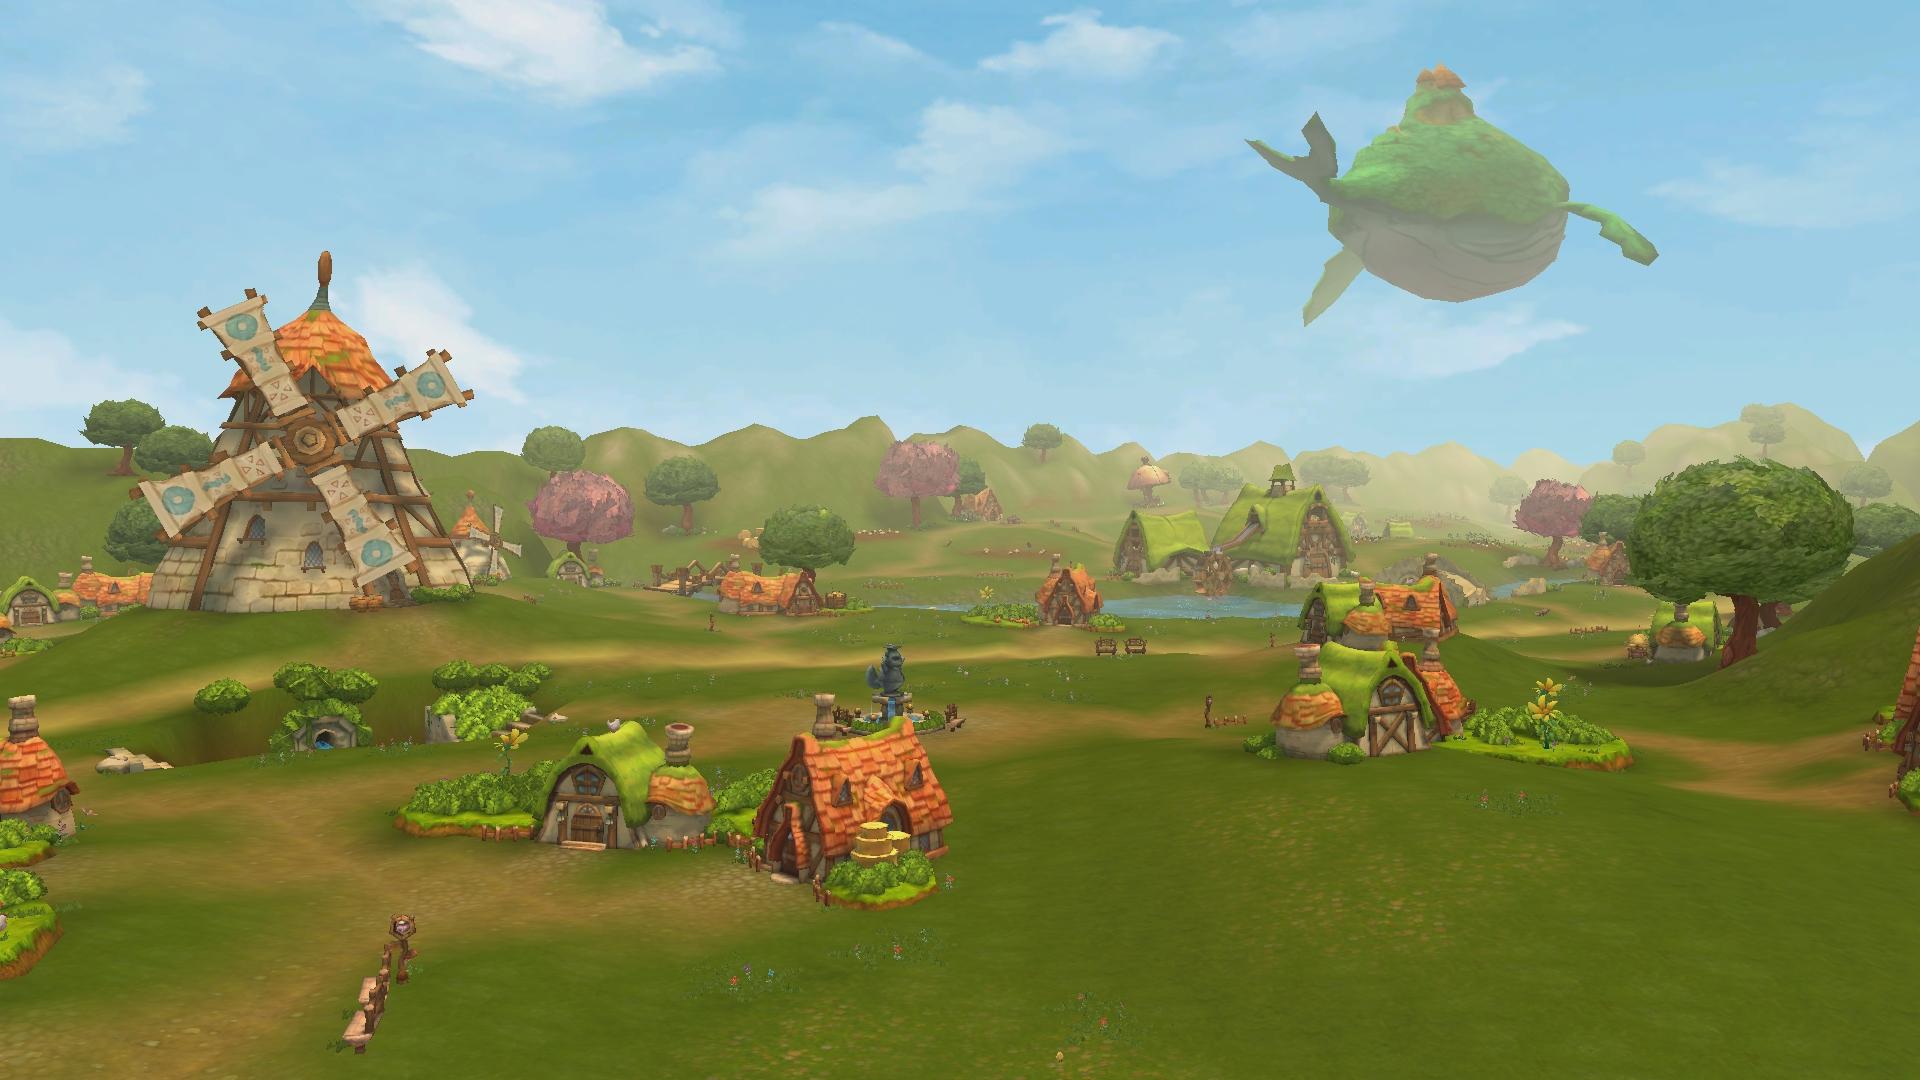 Klicke auf die Grafik für eine größere AnsichtName:Colossus Shadow Field.jpgHits:120Größe:990,1 KBID:2423